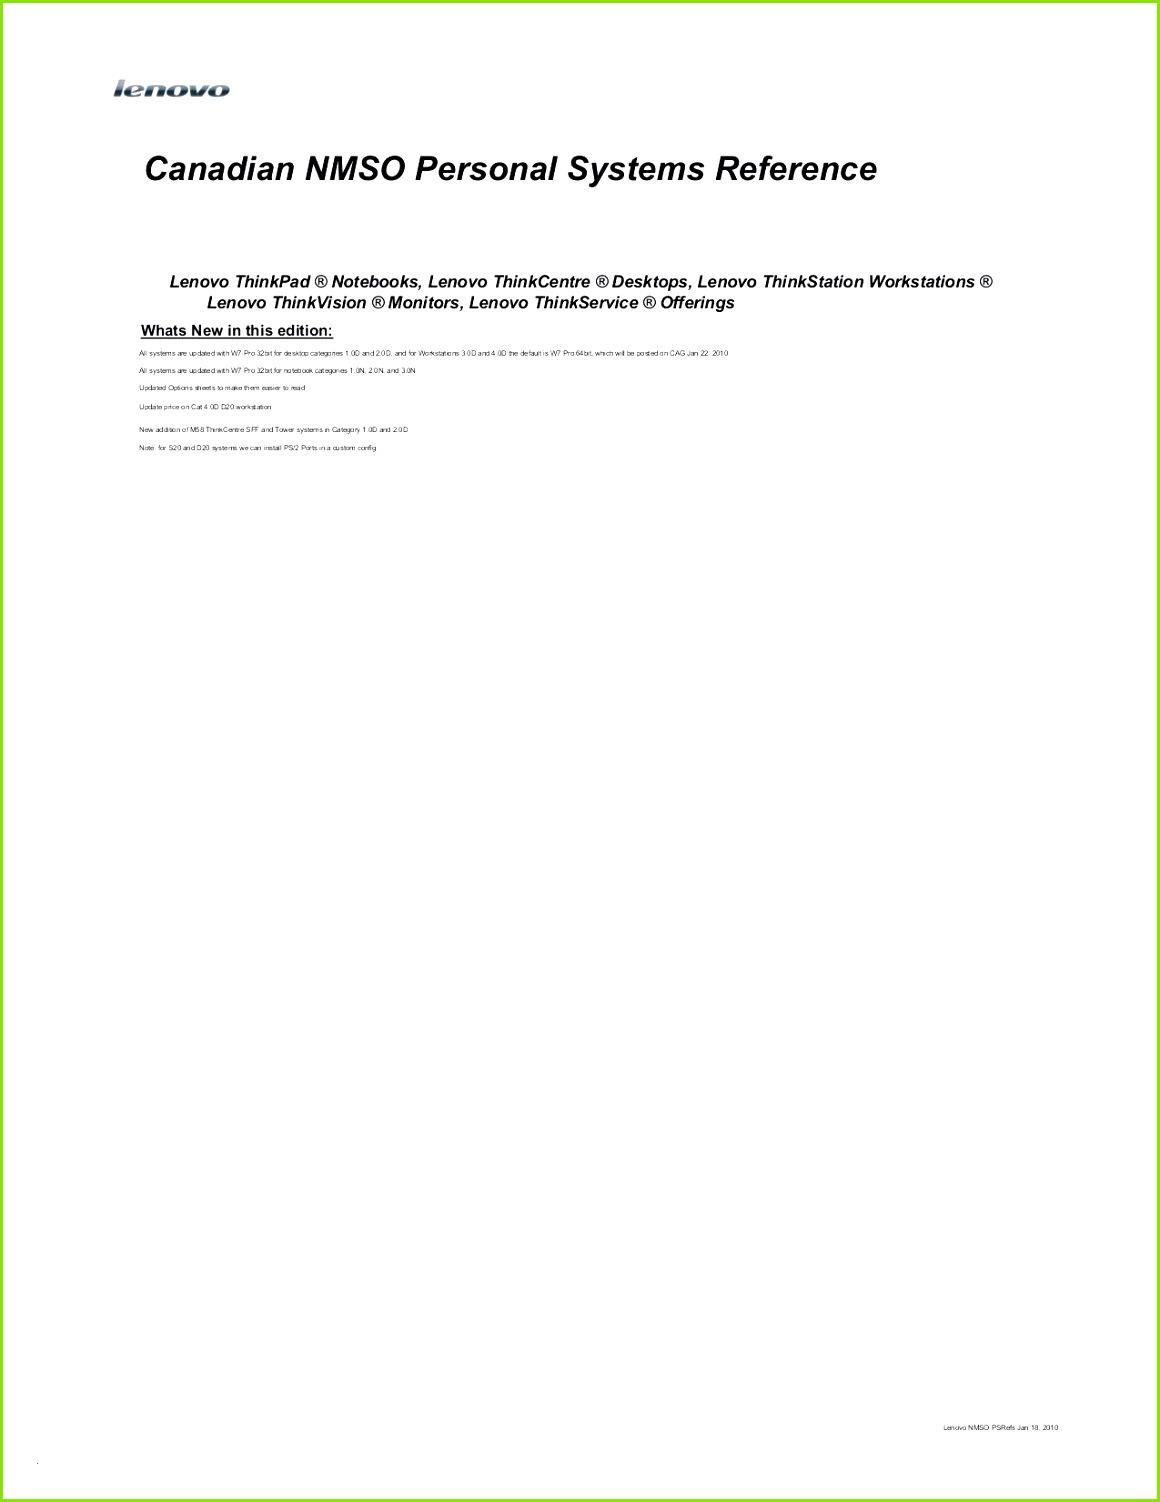 Bewerbung Anschreiben Muster Ausbildung Ktforsenate Frisch Bewerbung Auf Ausgeschriebene Stelle Muster